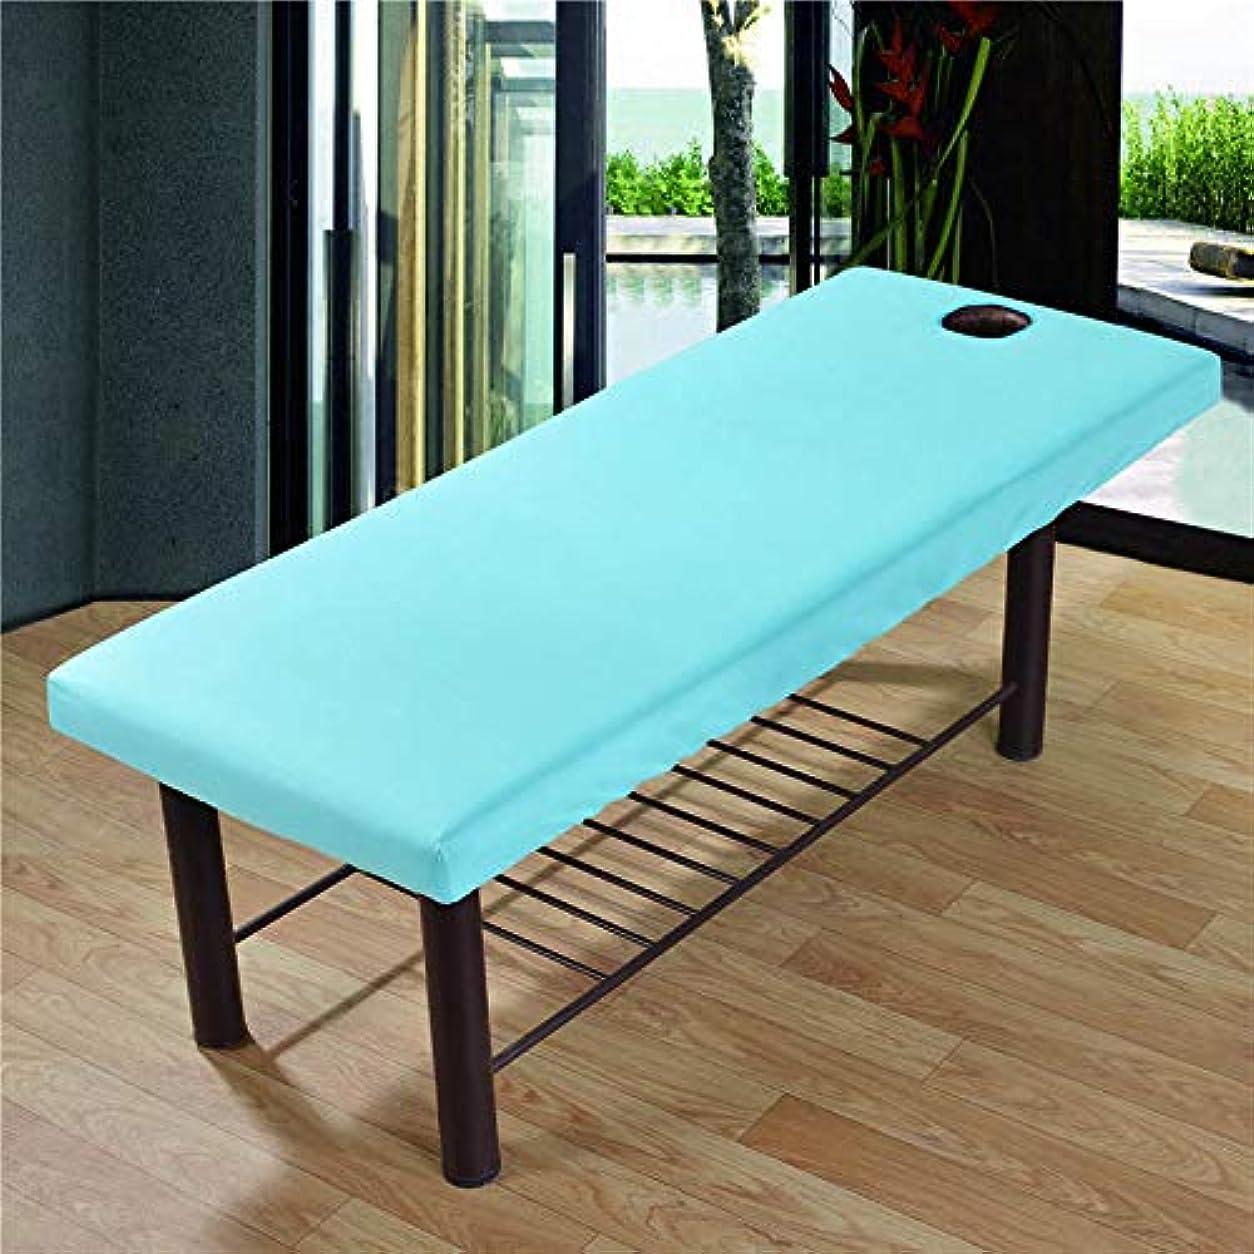 問い合わせるシェルProfeel 美容院のマッサージ療法のベッドのための柔らかいSoliod色の長方形のマットレス